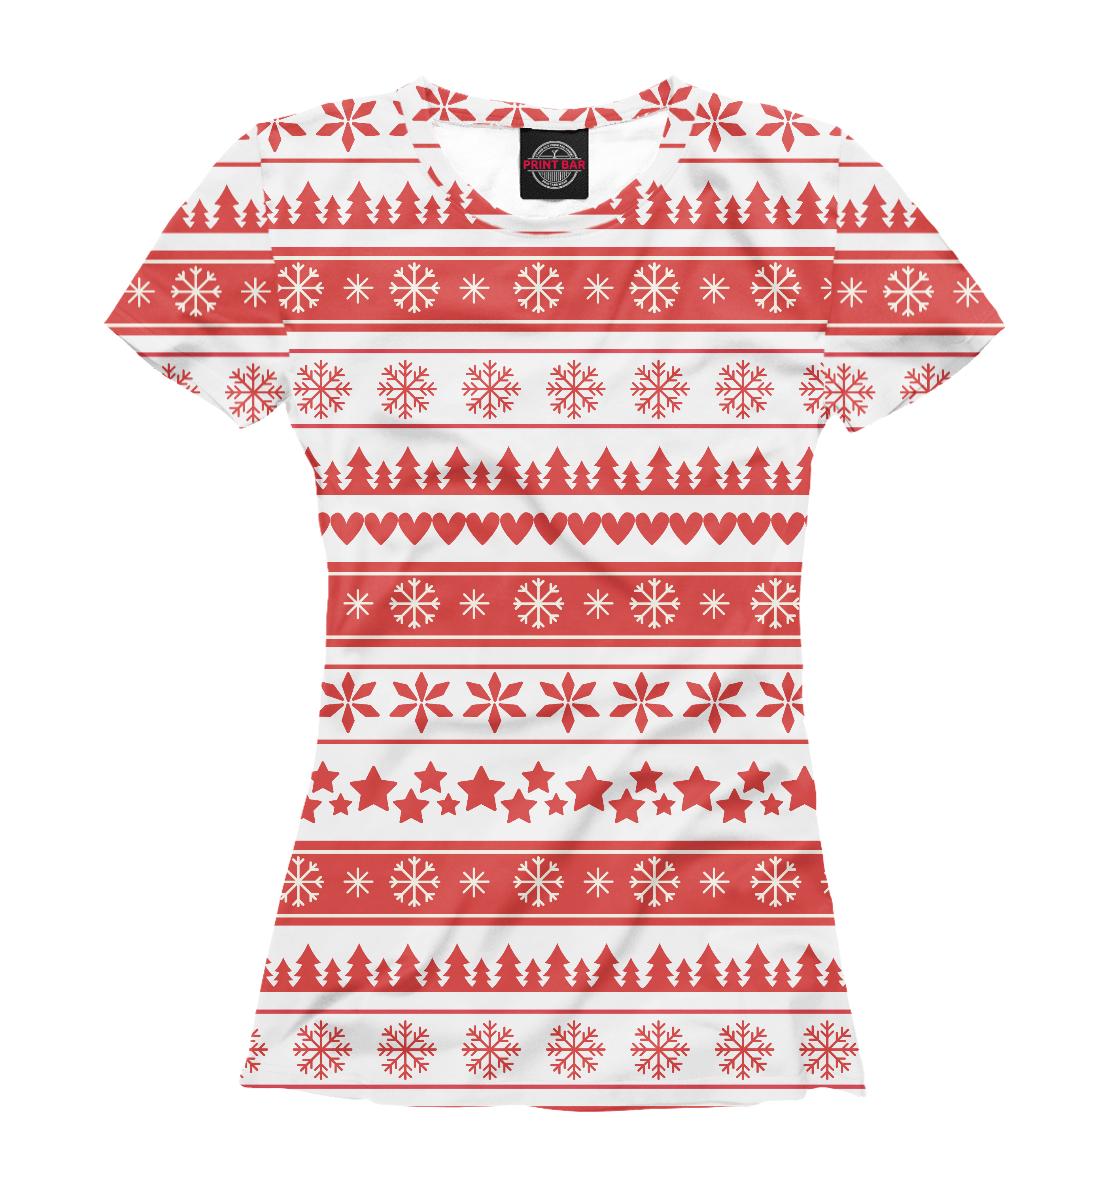 Купить Новогодний свитер, Printbar, Футболки, NOV-877380-fut-1